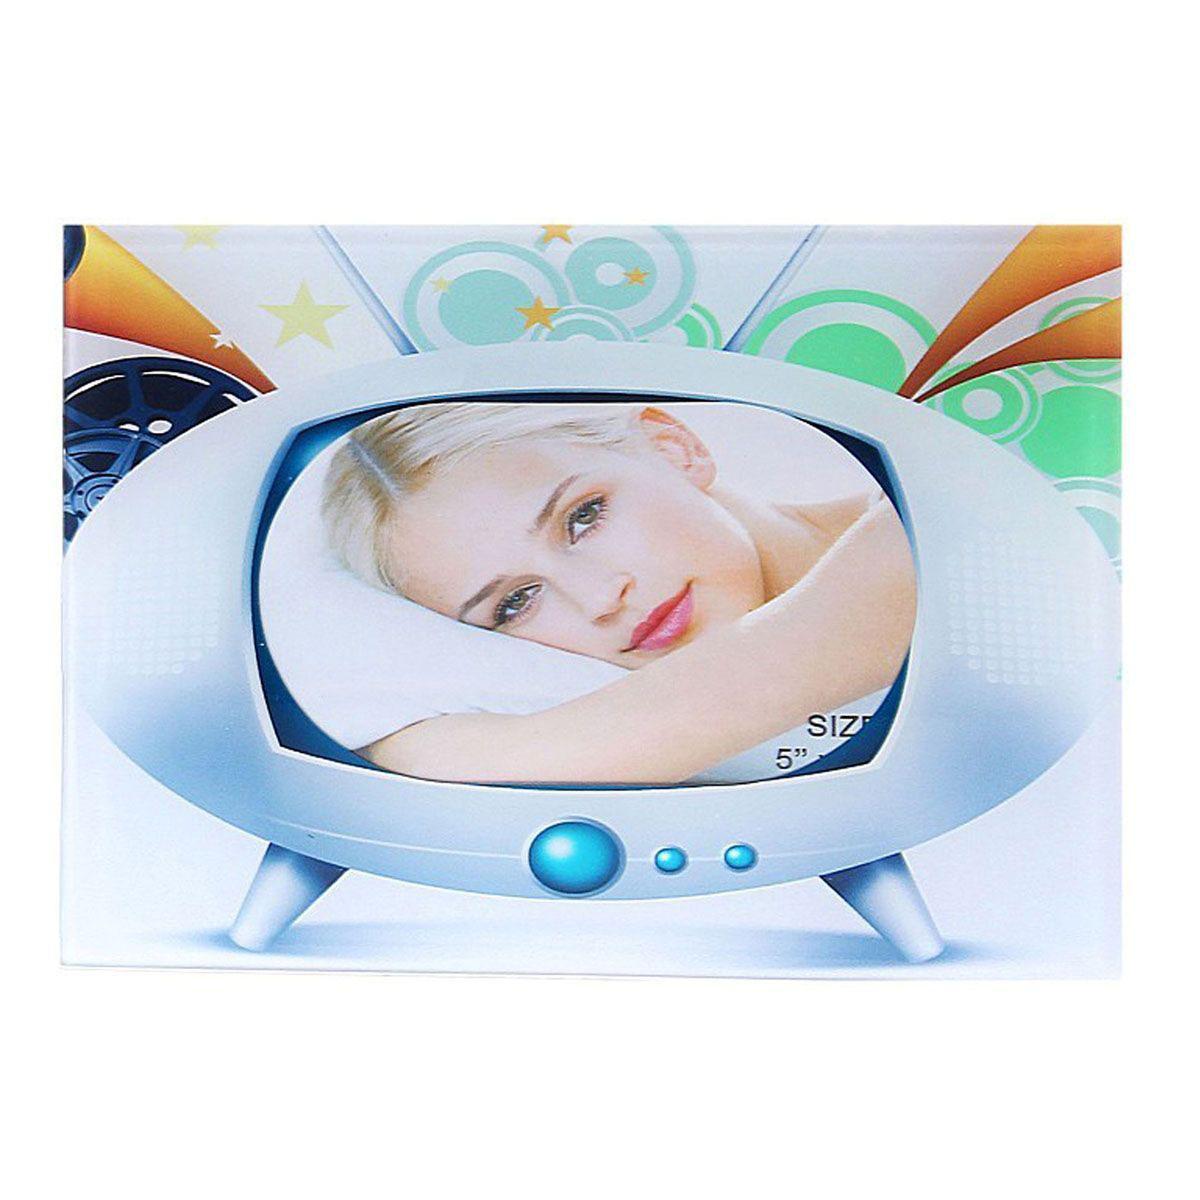 Фоторамка Sima-land Инопланетный телевизор, 10 см х 15 см133410Декоративная фоторамка Sima-land Инопланетный телевизор выполнена из стекла и декорирована изображением телевизора. Обратная сторона рамки оснащена специальной ножкой, благодаря которой ее можно поставить на стол или любое другое место в доме или офисе. Такая фоторамка украсит ваш интерьер оригинальным образом, а также позволит сохранить память о дорогих вам людях и интересных событиях вашей жизни. С ней вы сможете не просто внести в интерьер своего дома элемент оригинальности, но и создать атмосферу загадочности и изысканности.